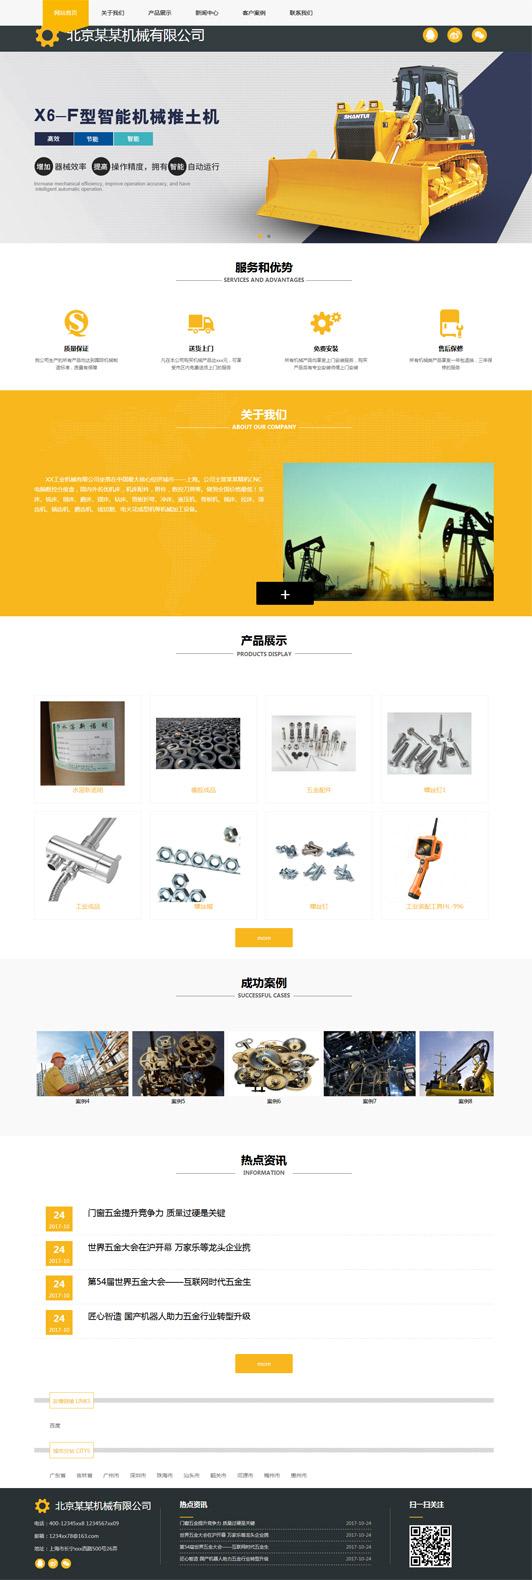 工业机械公司网站通用模板